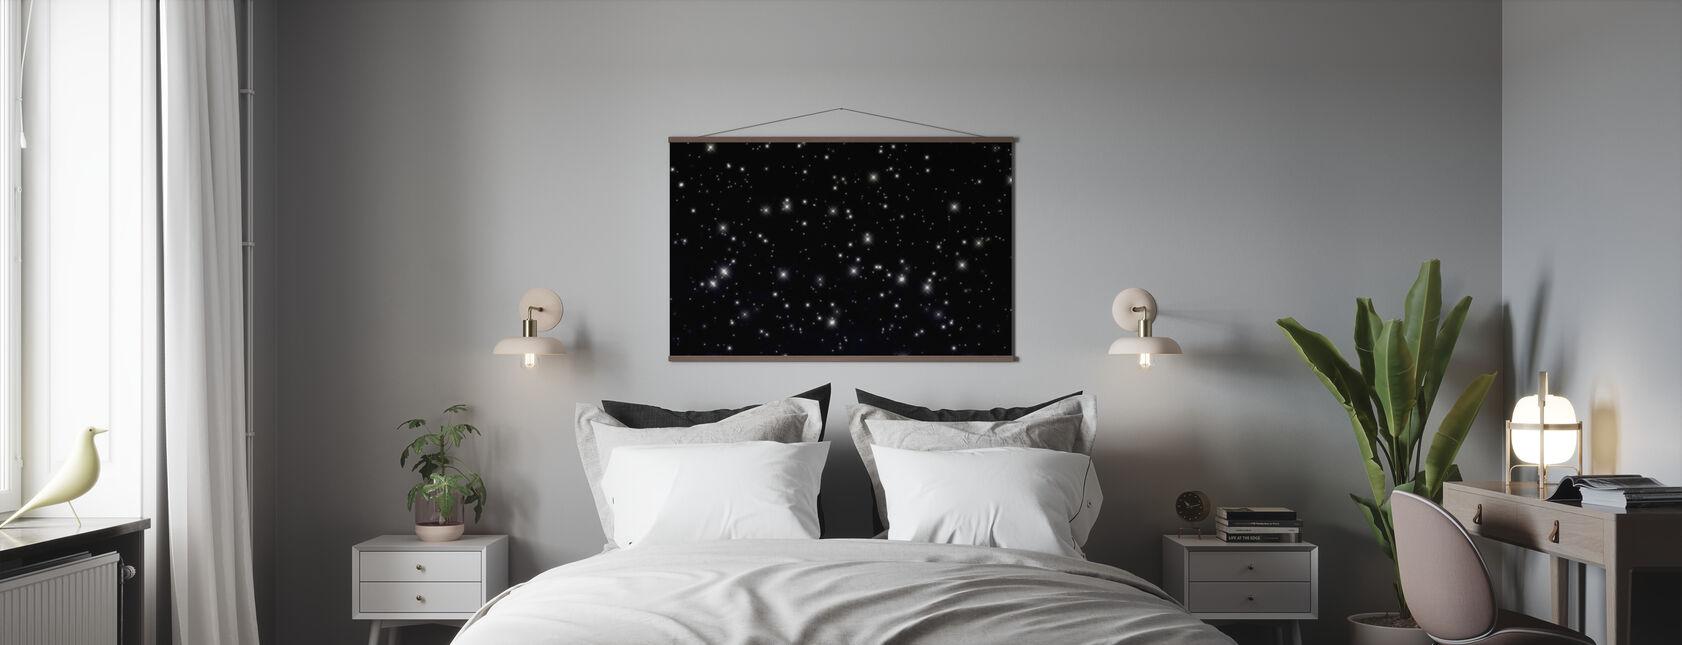 Spazio Stellato - Poster - Camera da letto